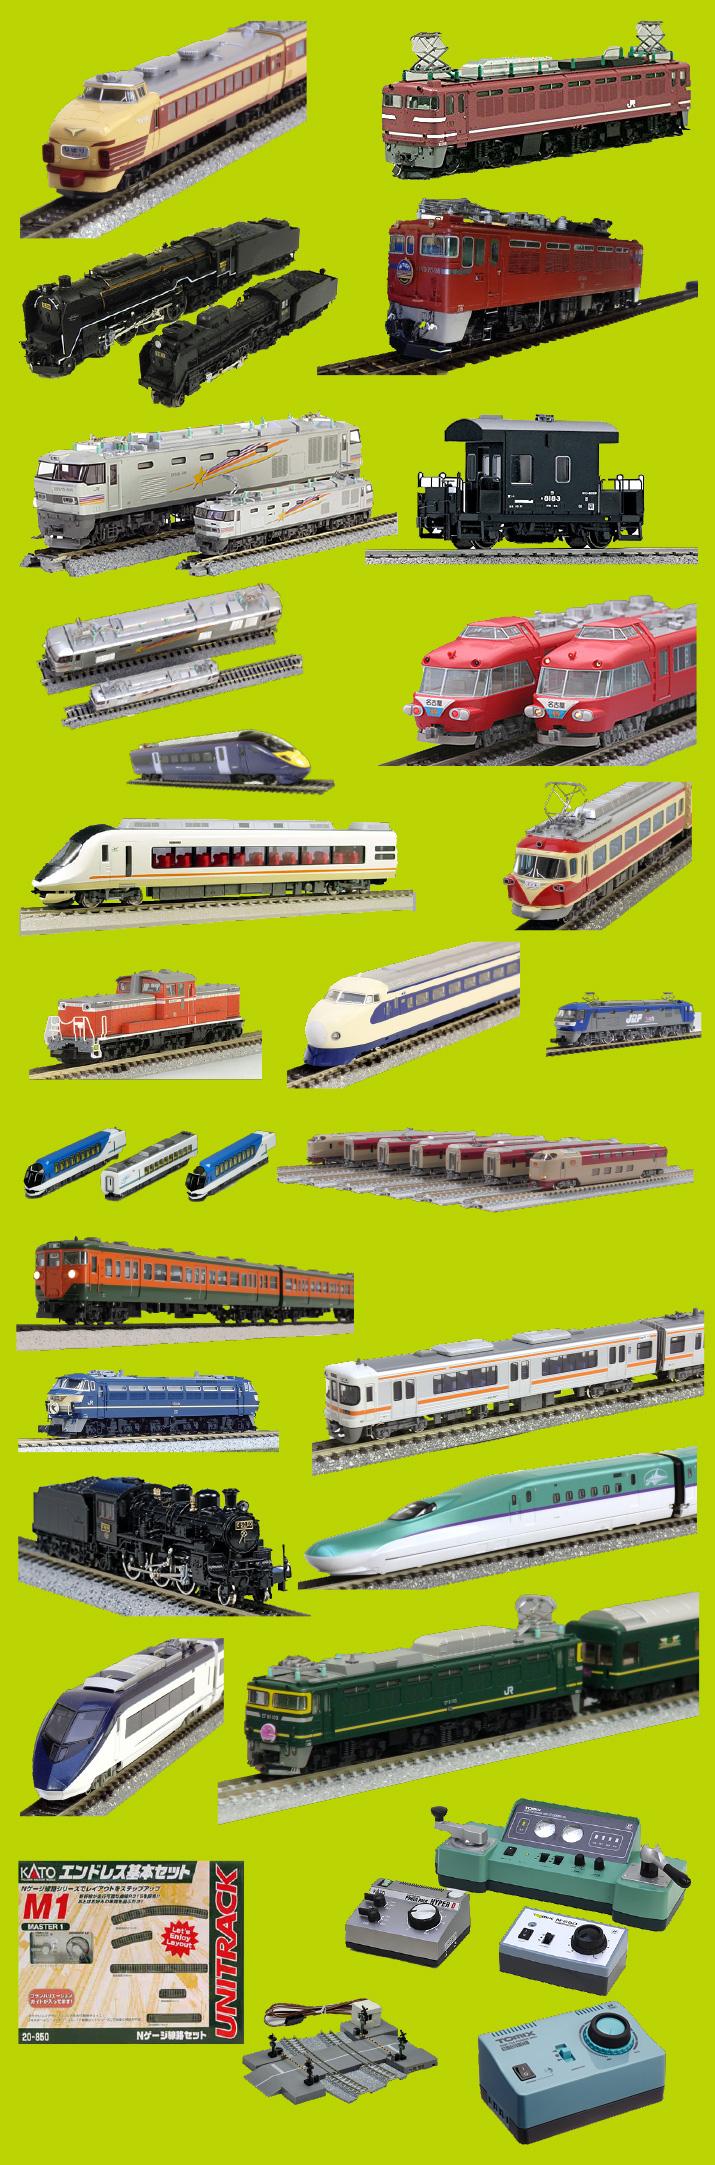 鉄道模型一覧